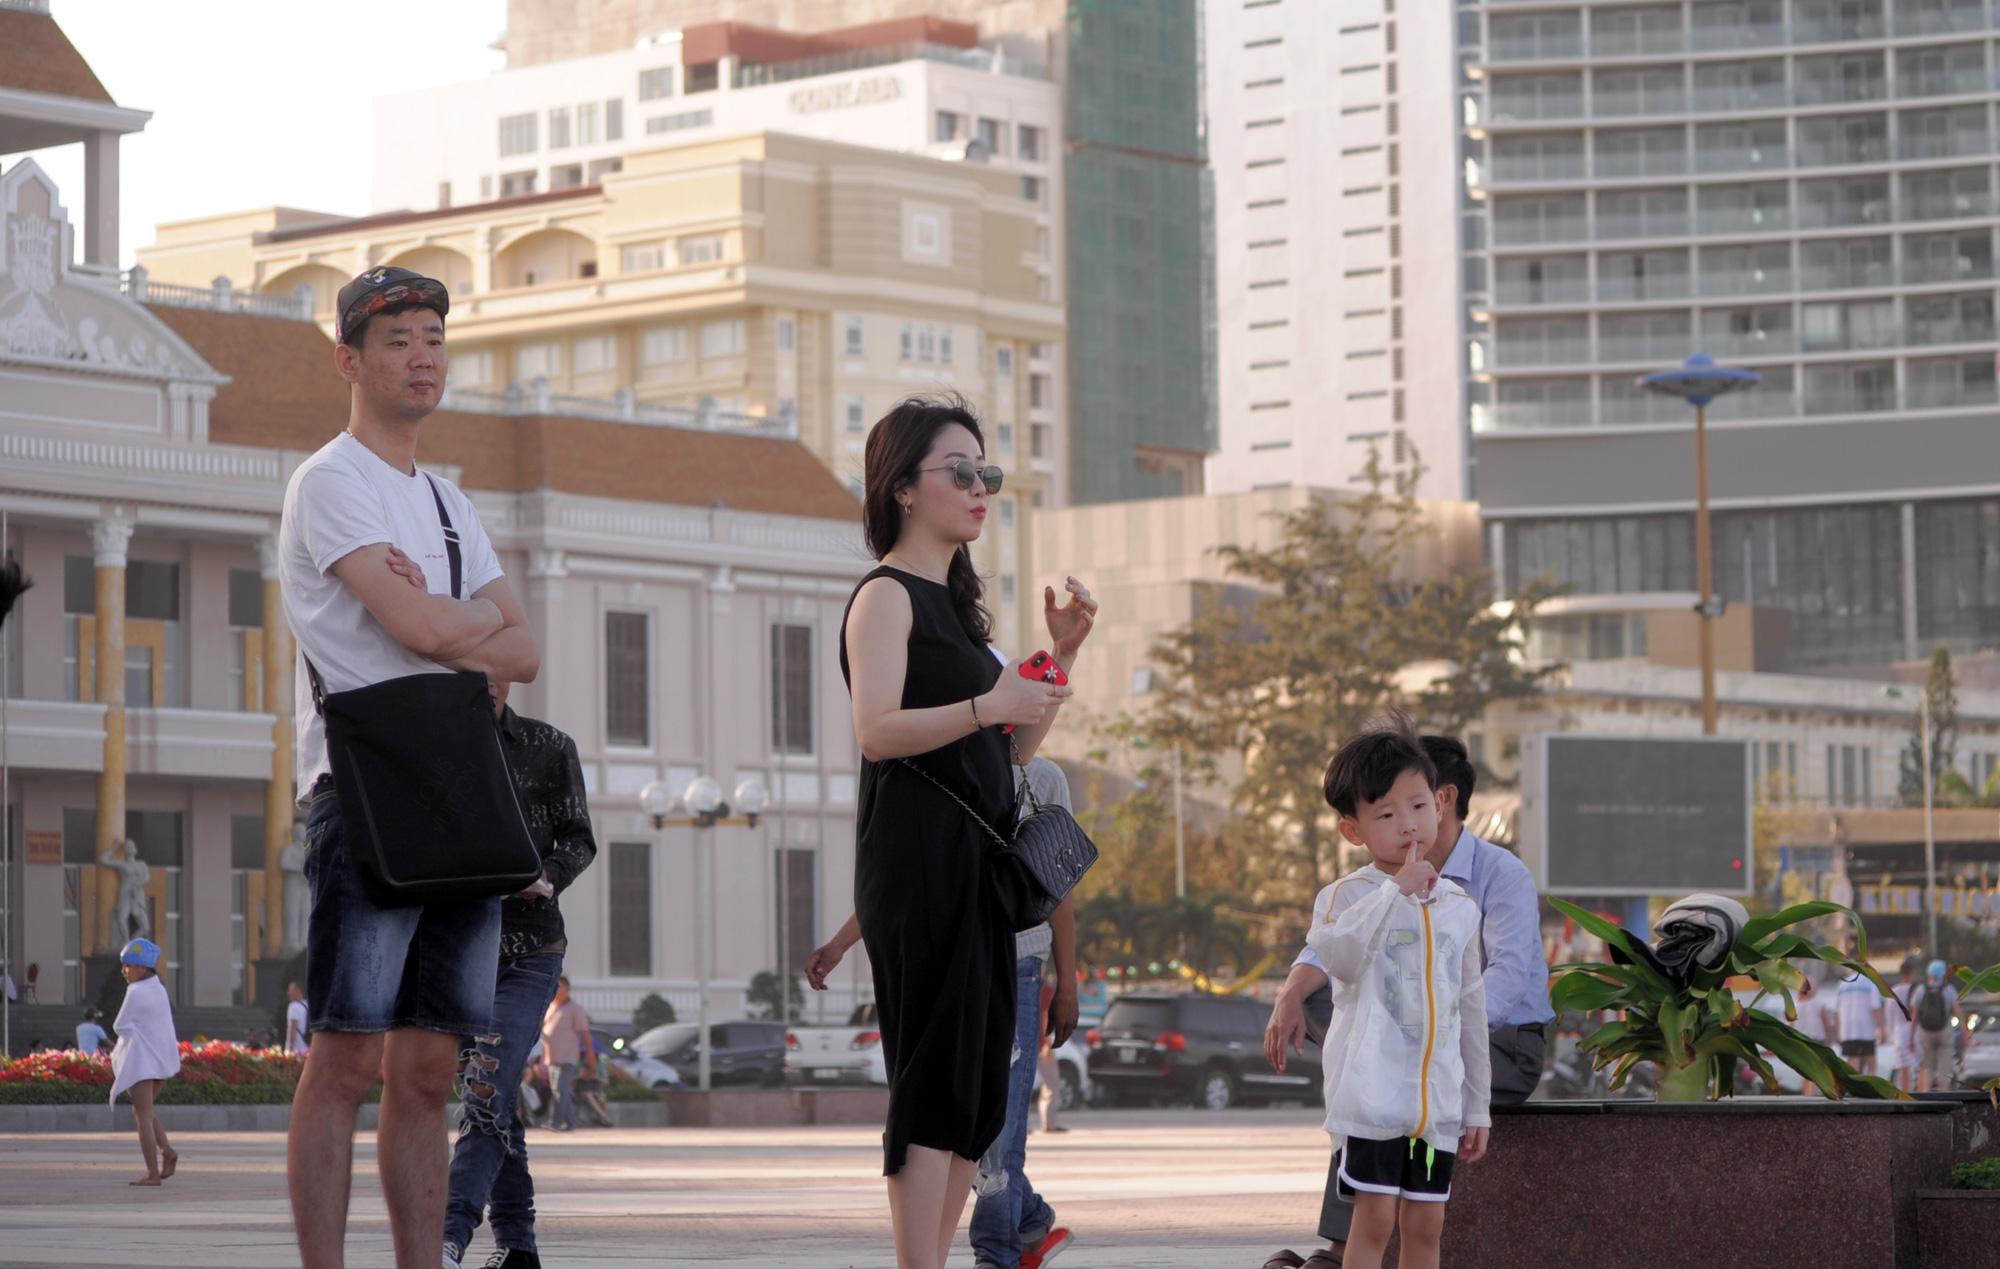 Đến sân bay quốc tế Cam Ranh, người Hàn Quốc đi đường riêng qua 2 hai máy đo thân nhiệt - Ảnh 5.